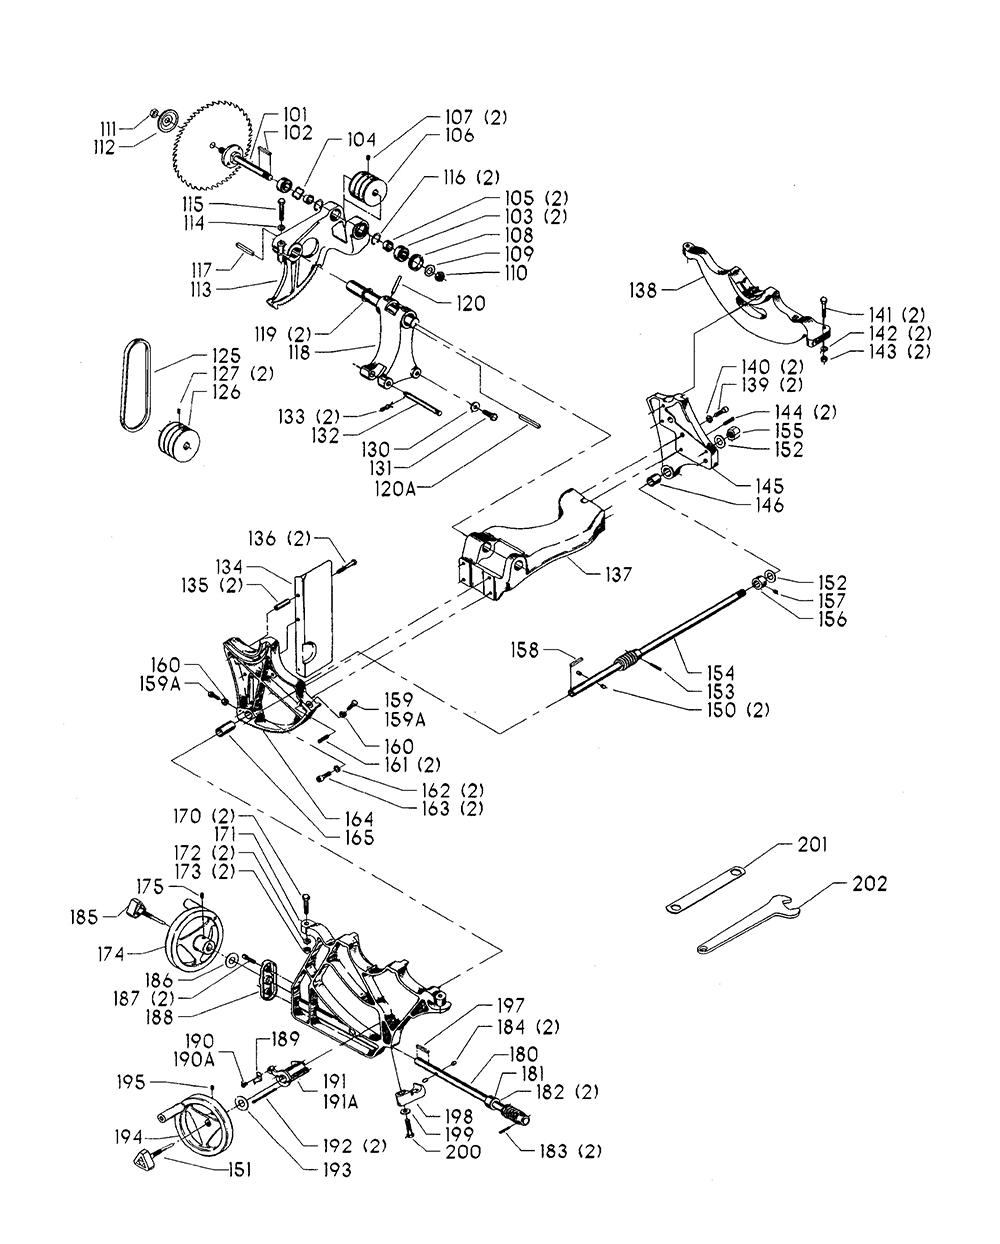 34-806-T3-Delta-PB-1Break Down